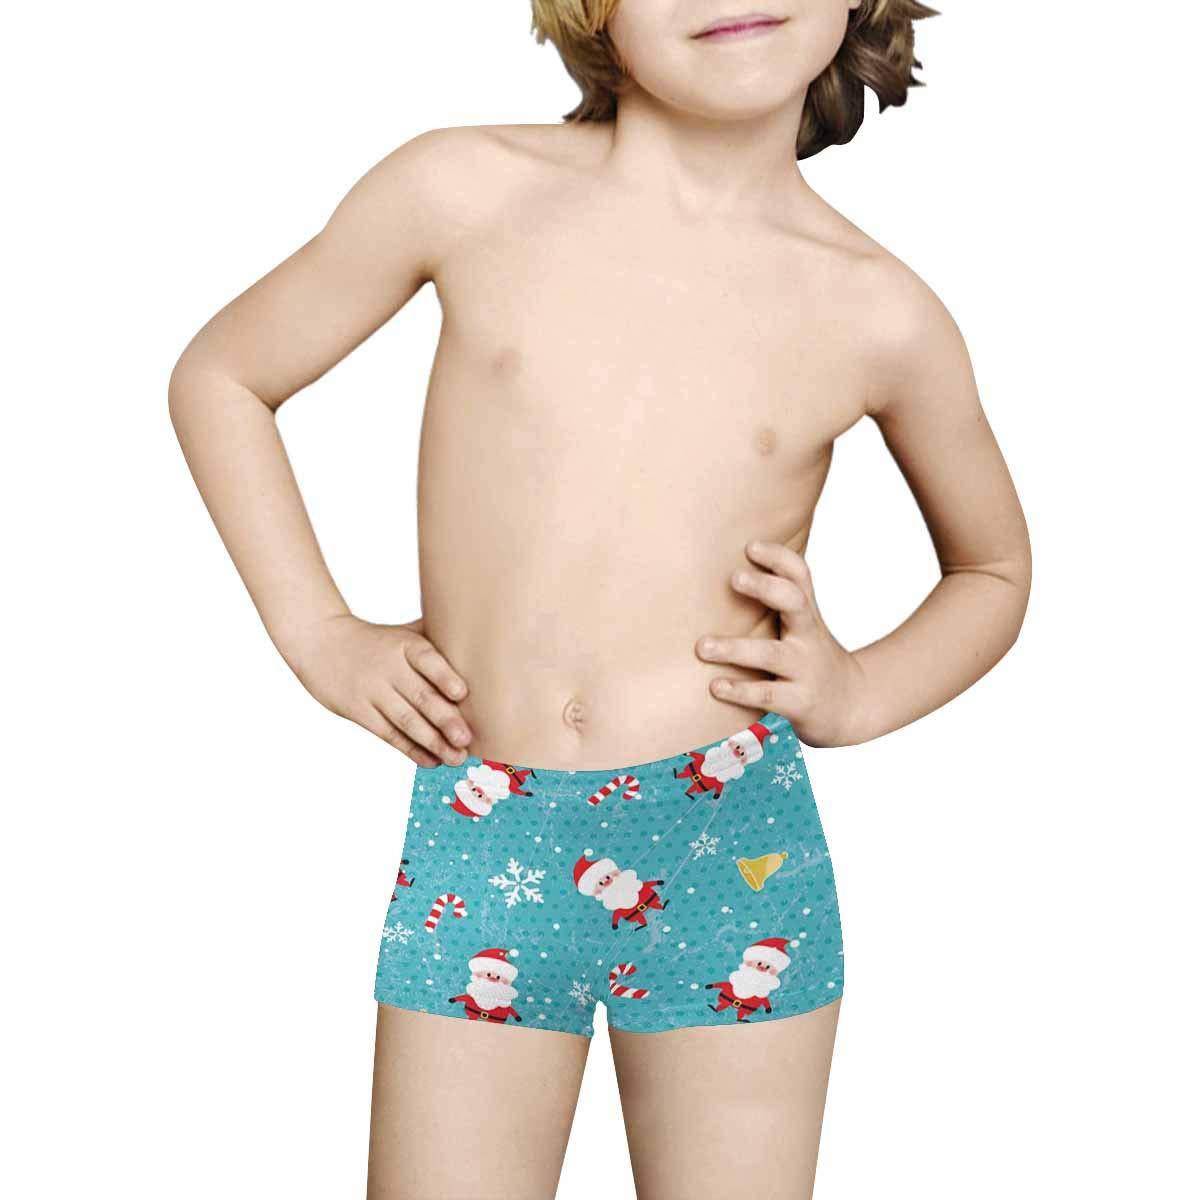 INTERESTPRINT Boys Boxer Brief Underwear 5T-2XL